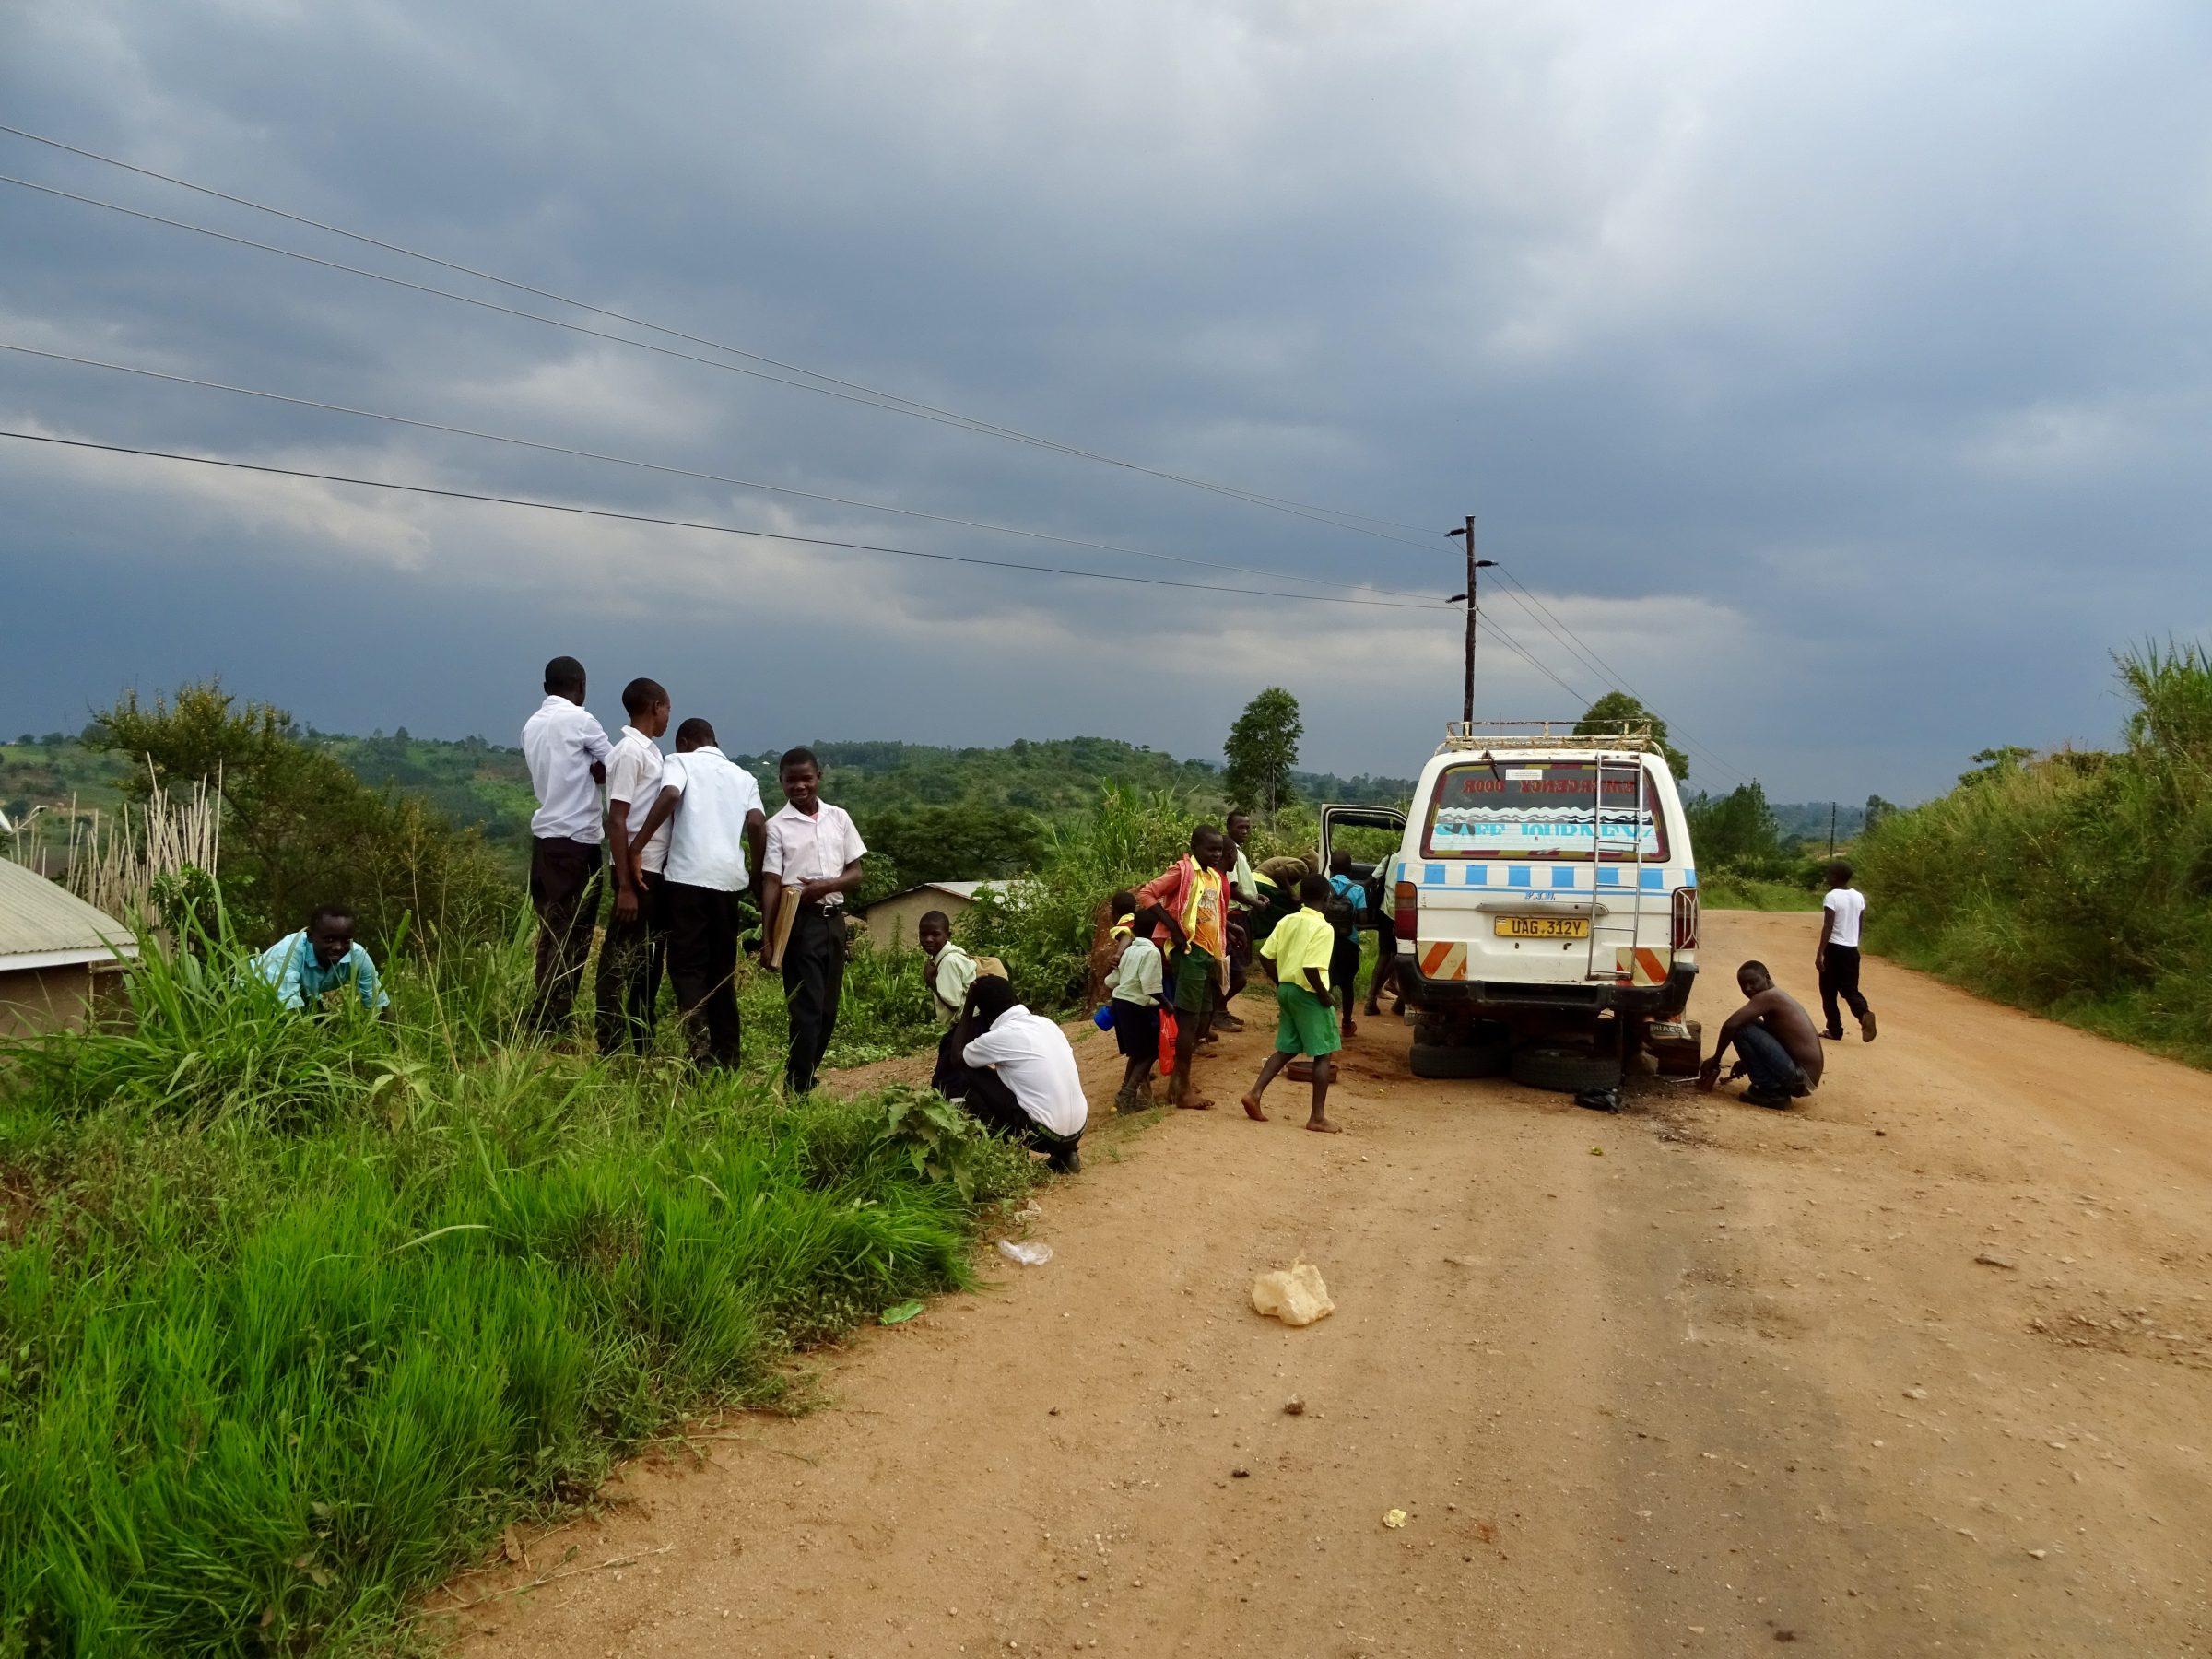 Donkere wolken en een matatu met bandenpech